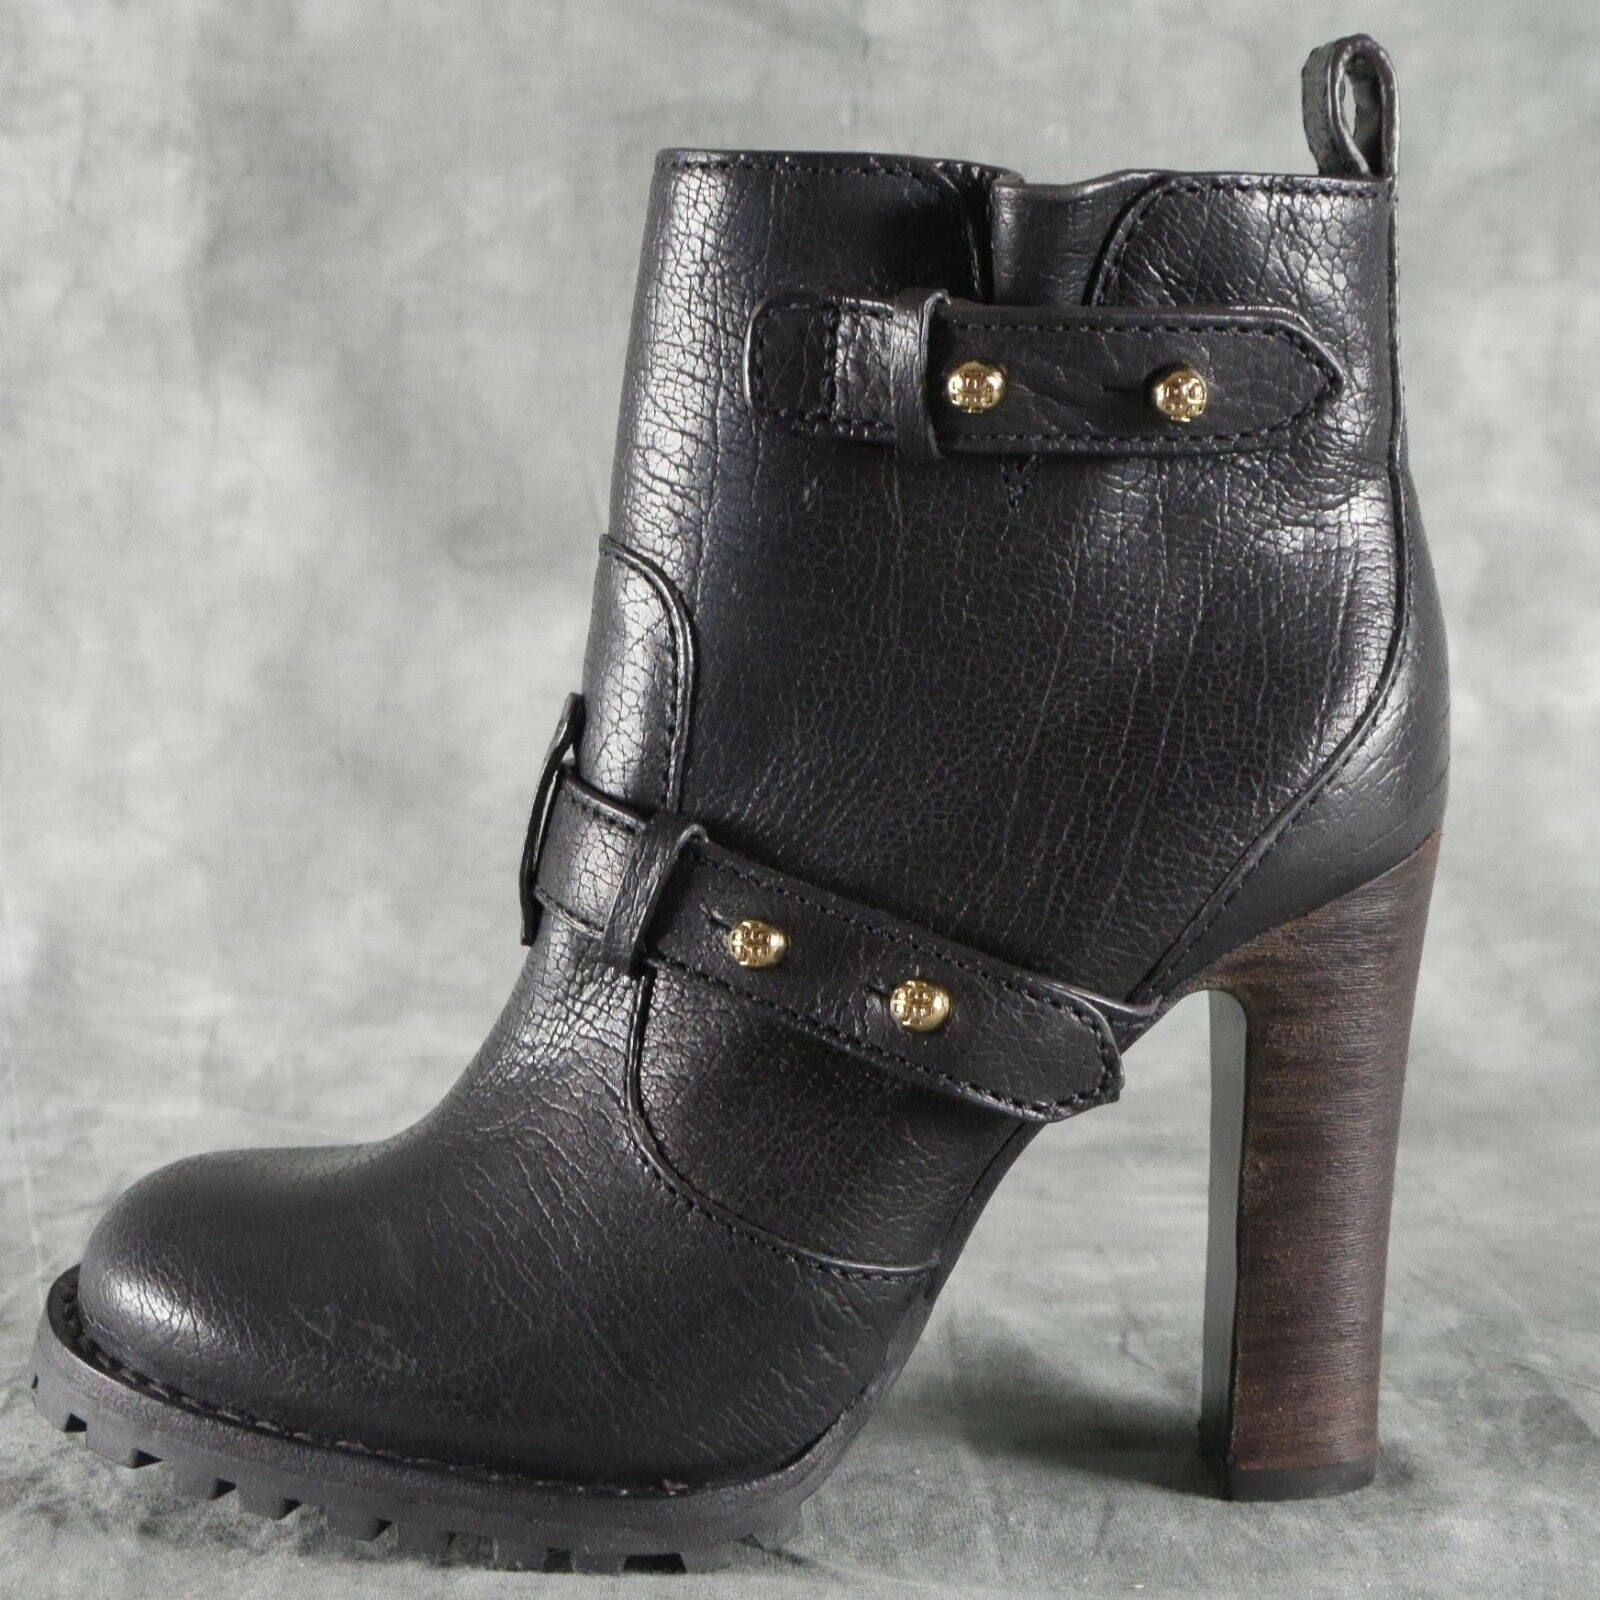 Tory Burch Landers Black Ankle Boots Women's Women's Women's size 9 M New NWOB  450 ANB 1229f2